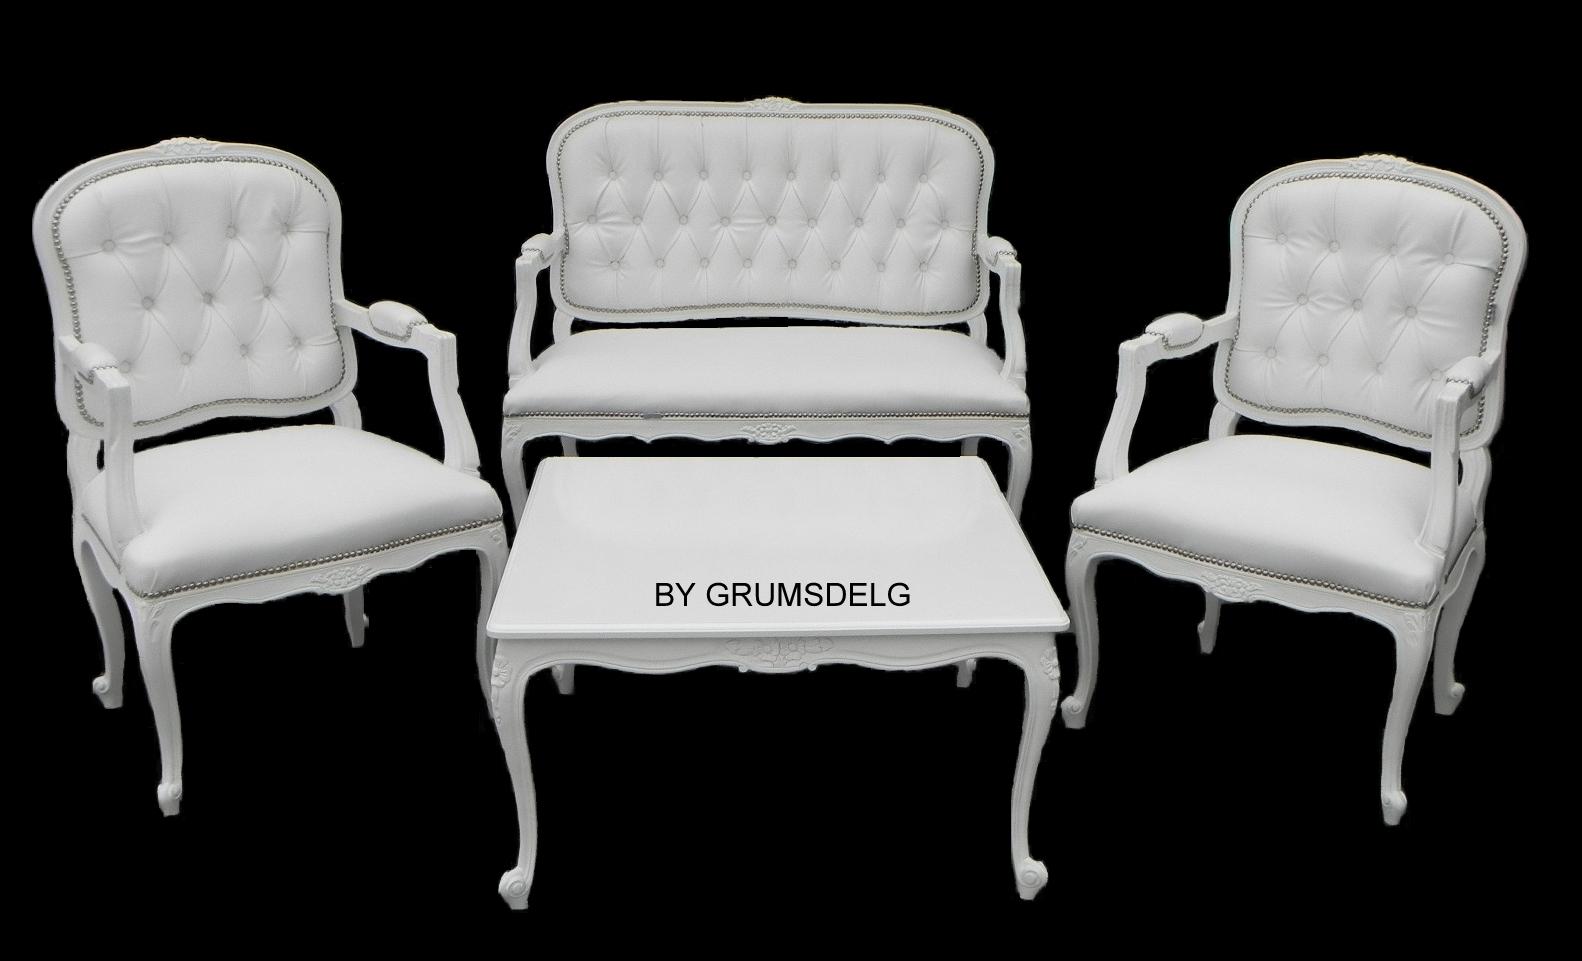 Muebles Estilo Luis XV Marquetería Facebook - fotos de muebles estilo luis xv